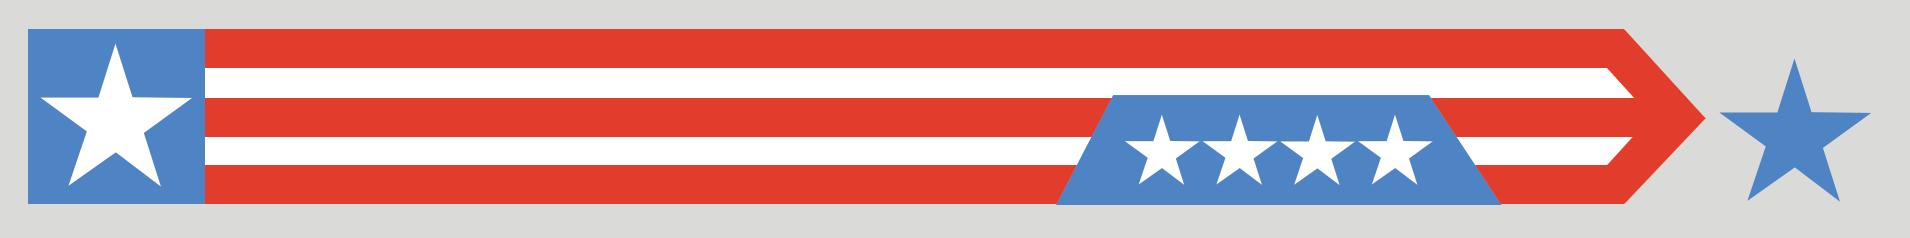 Kurt Angle Brand flag footer